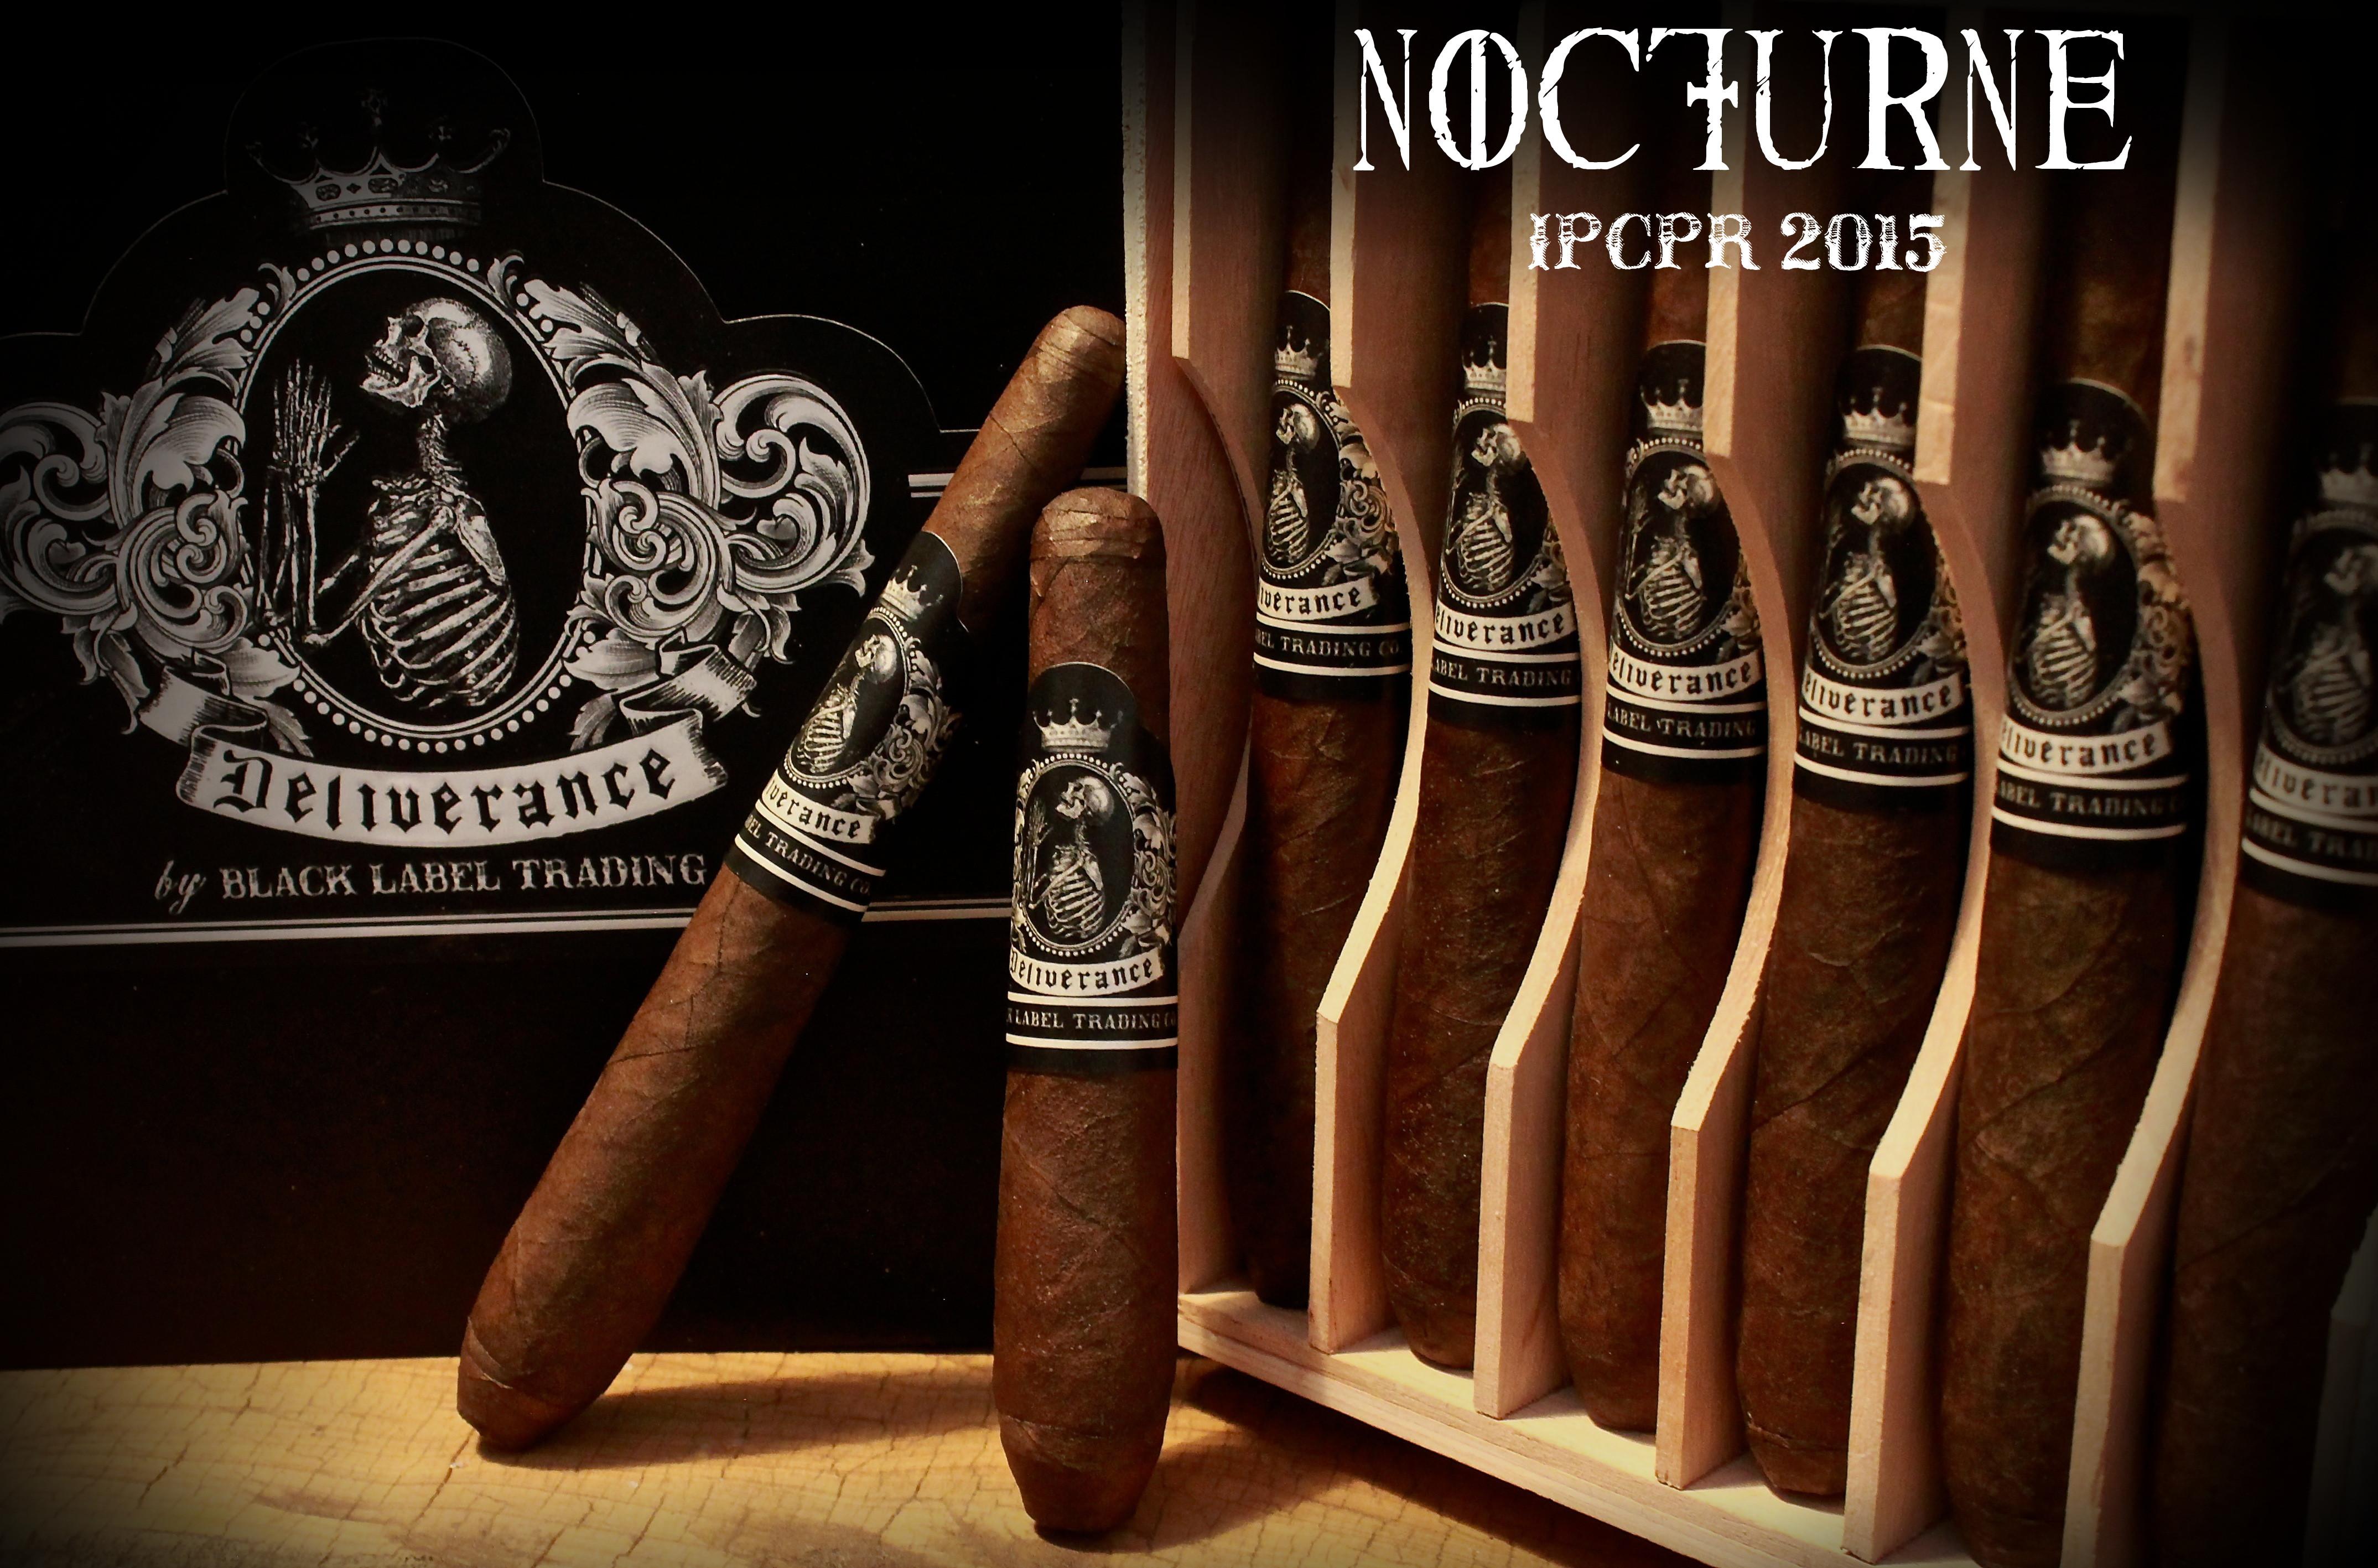 Cigar News: Black Label Trading Company Deliverance Nocturne